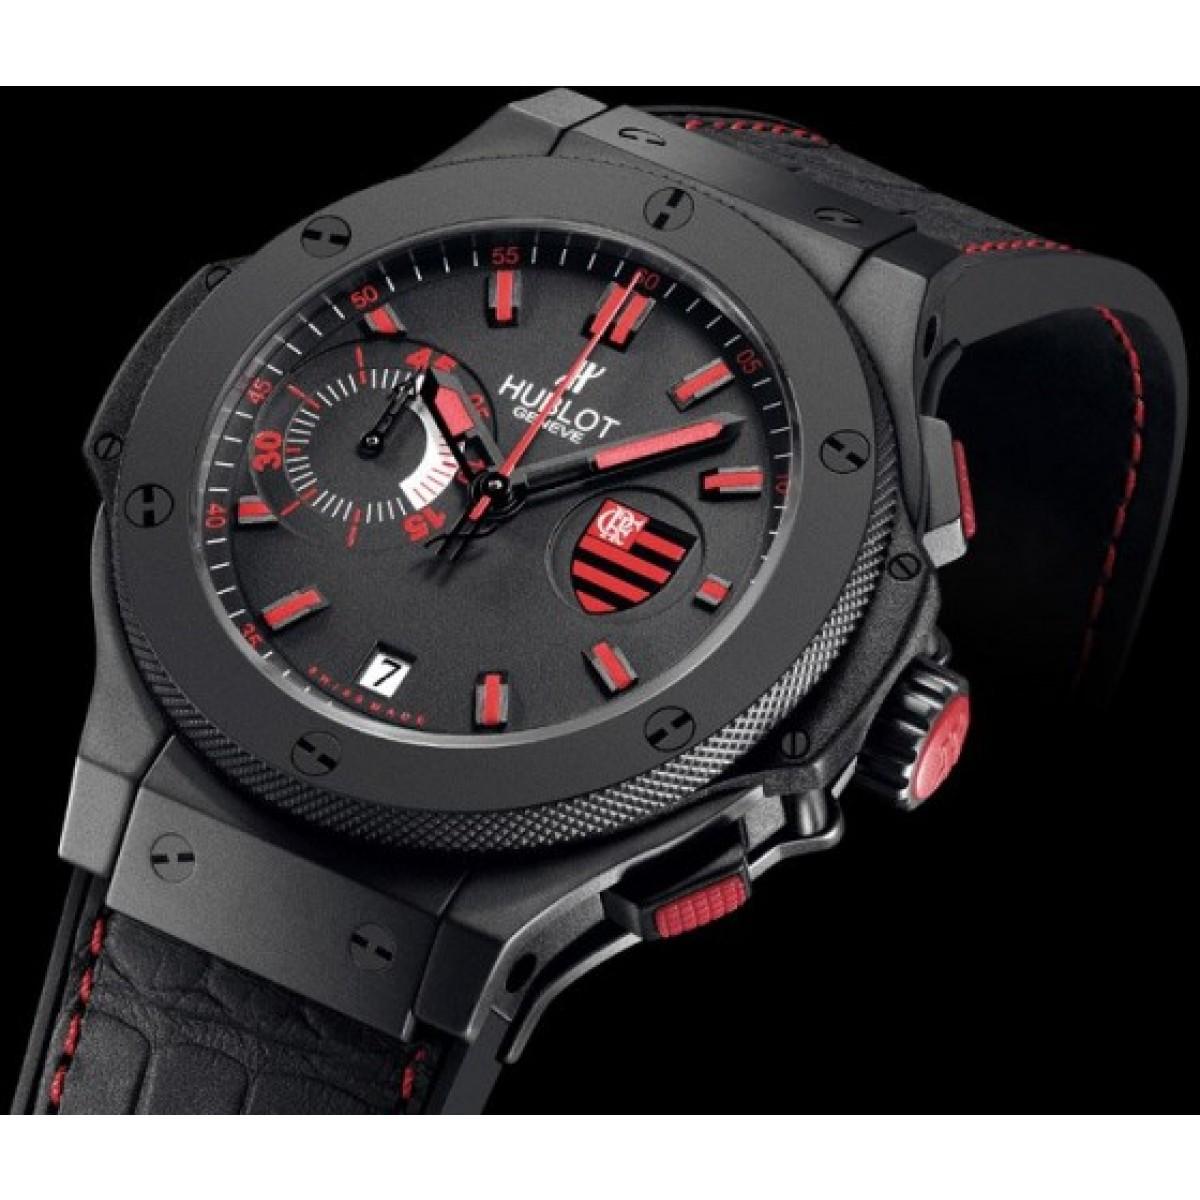 93ab51ad11cd8 Relógio Réplica Hublot Flamengo